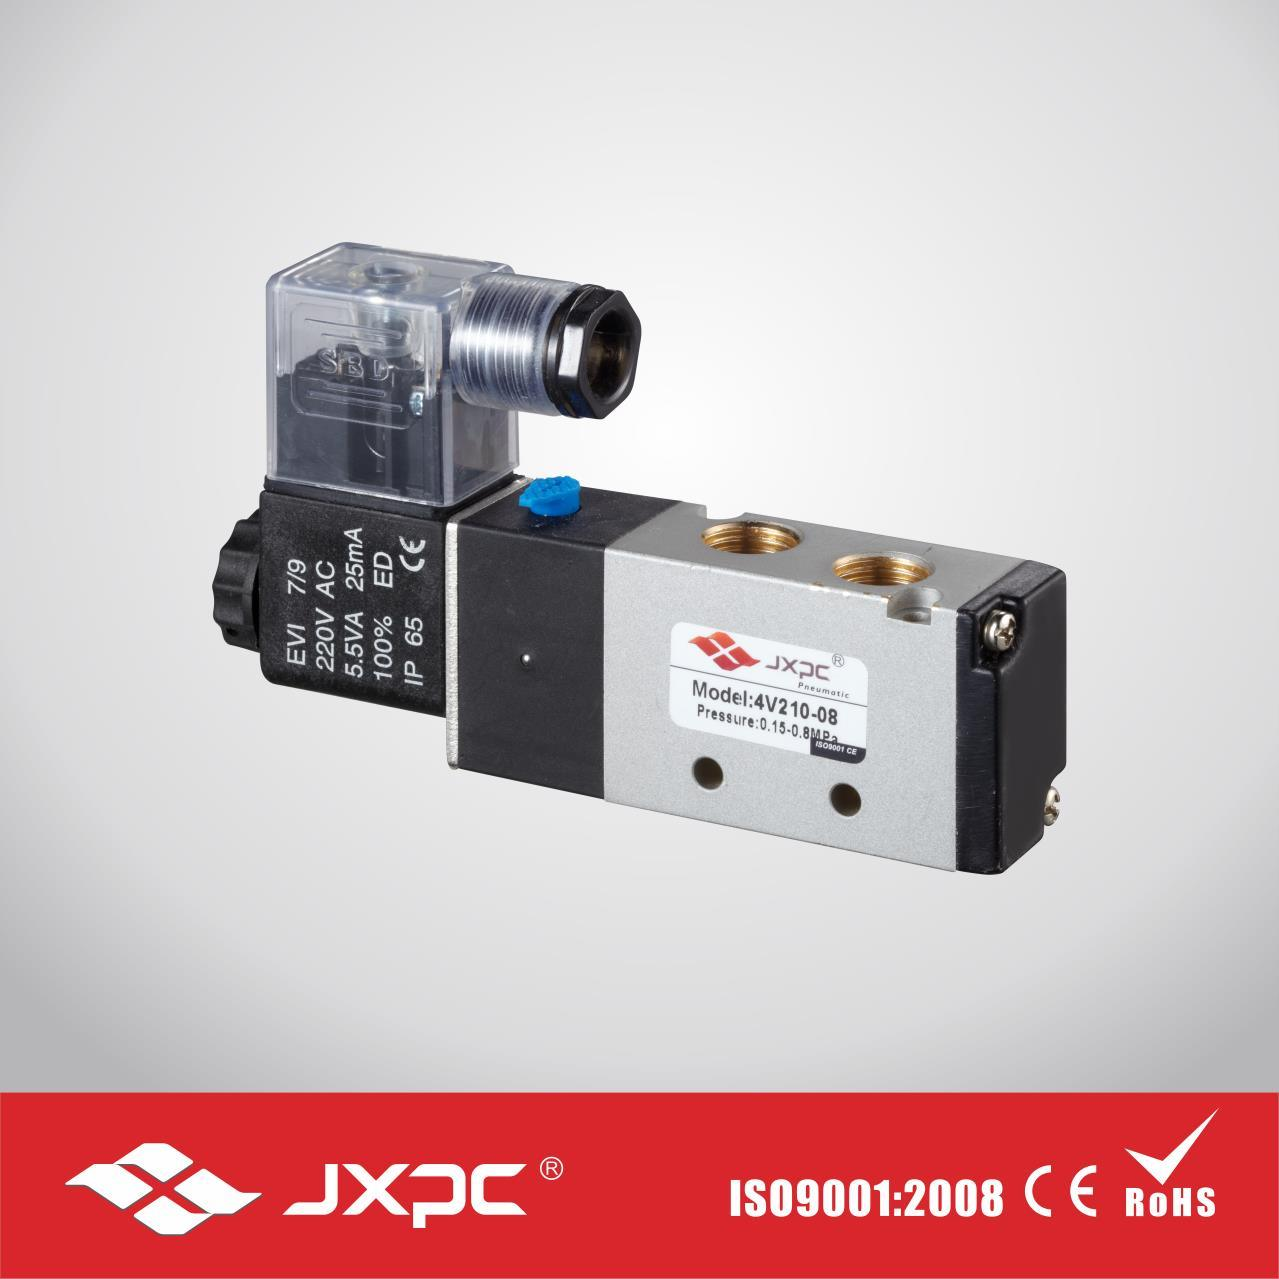 4V 100-400 Pneumatic Solenoid Valve